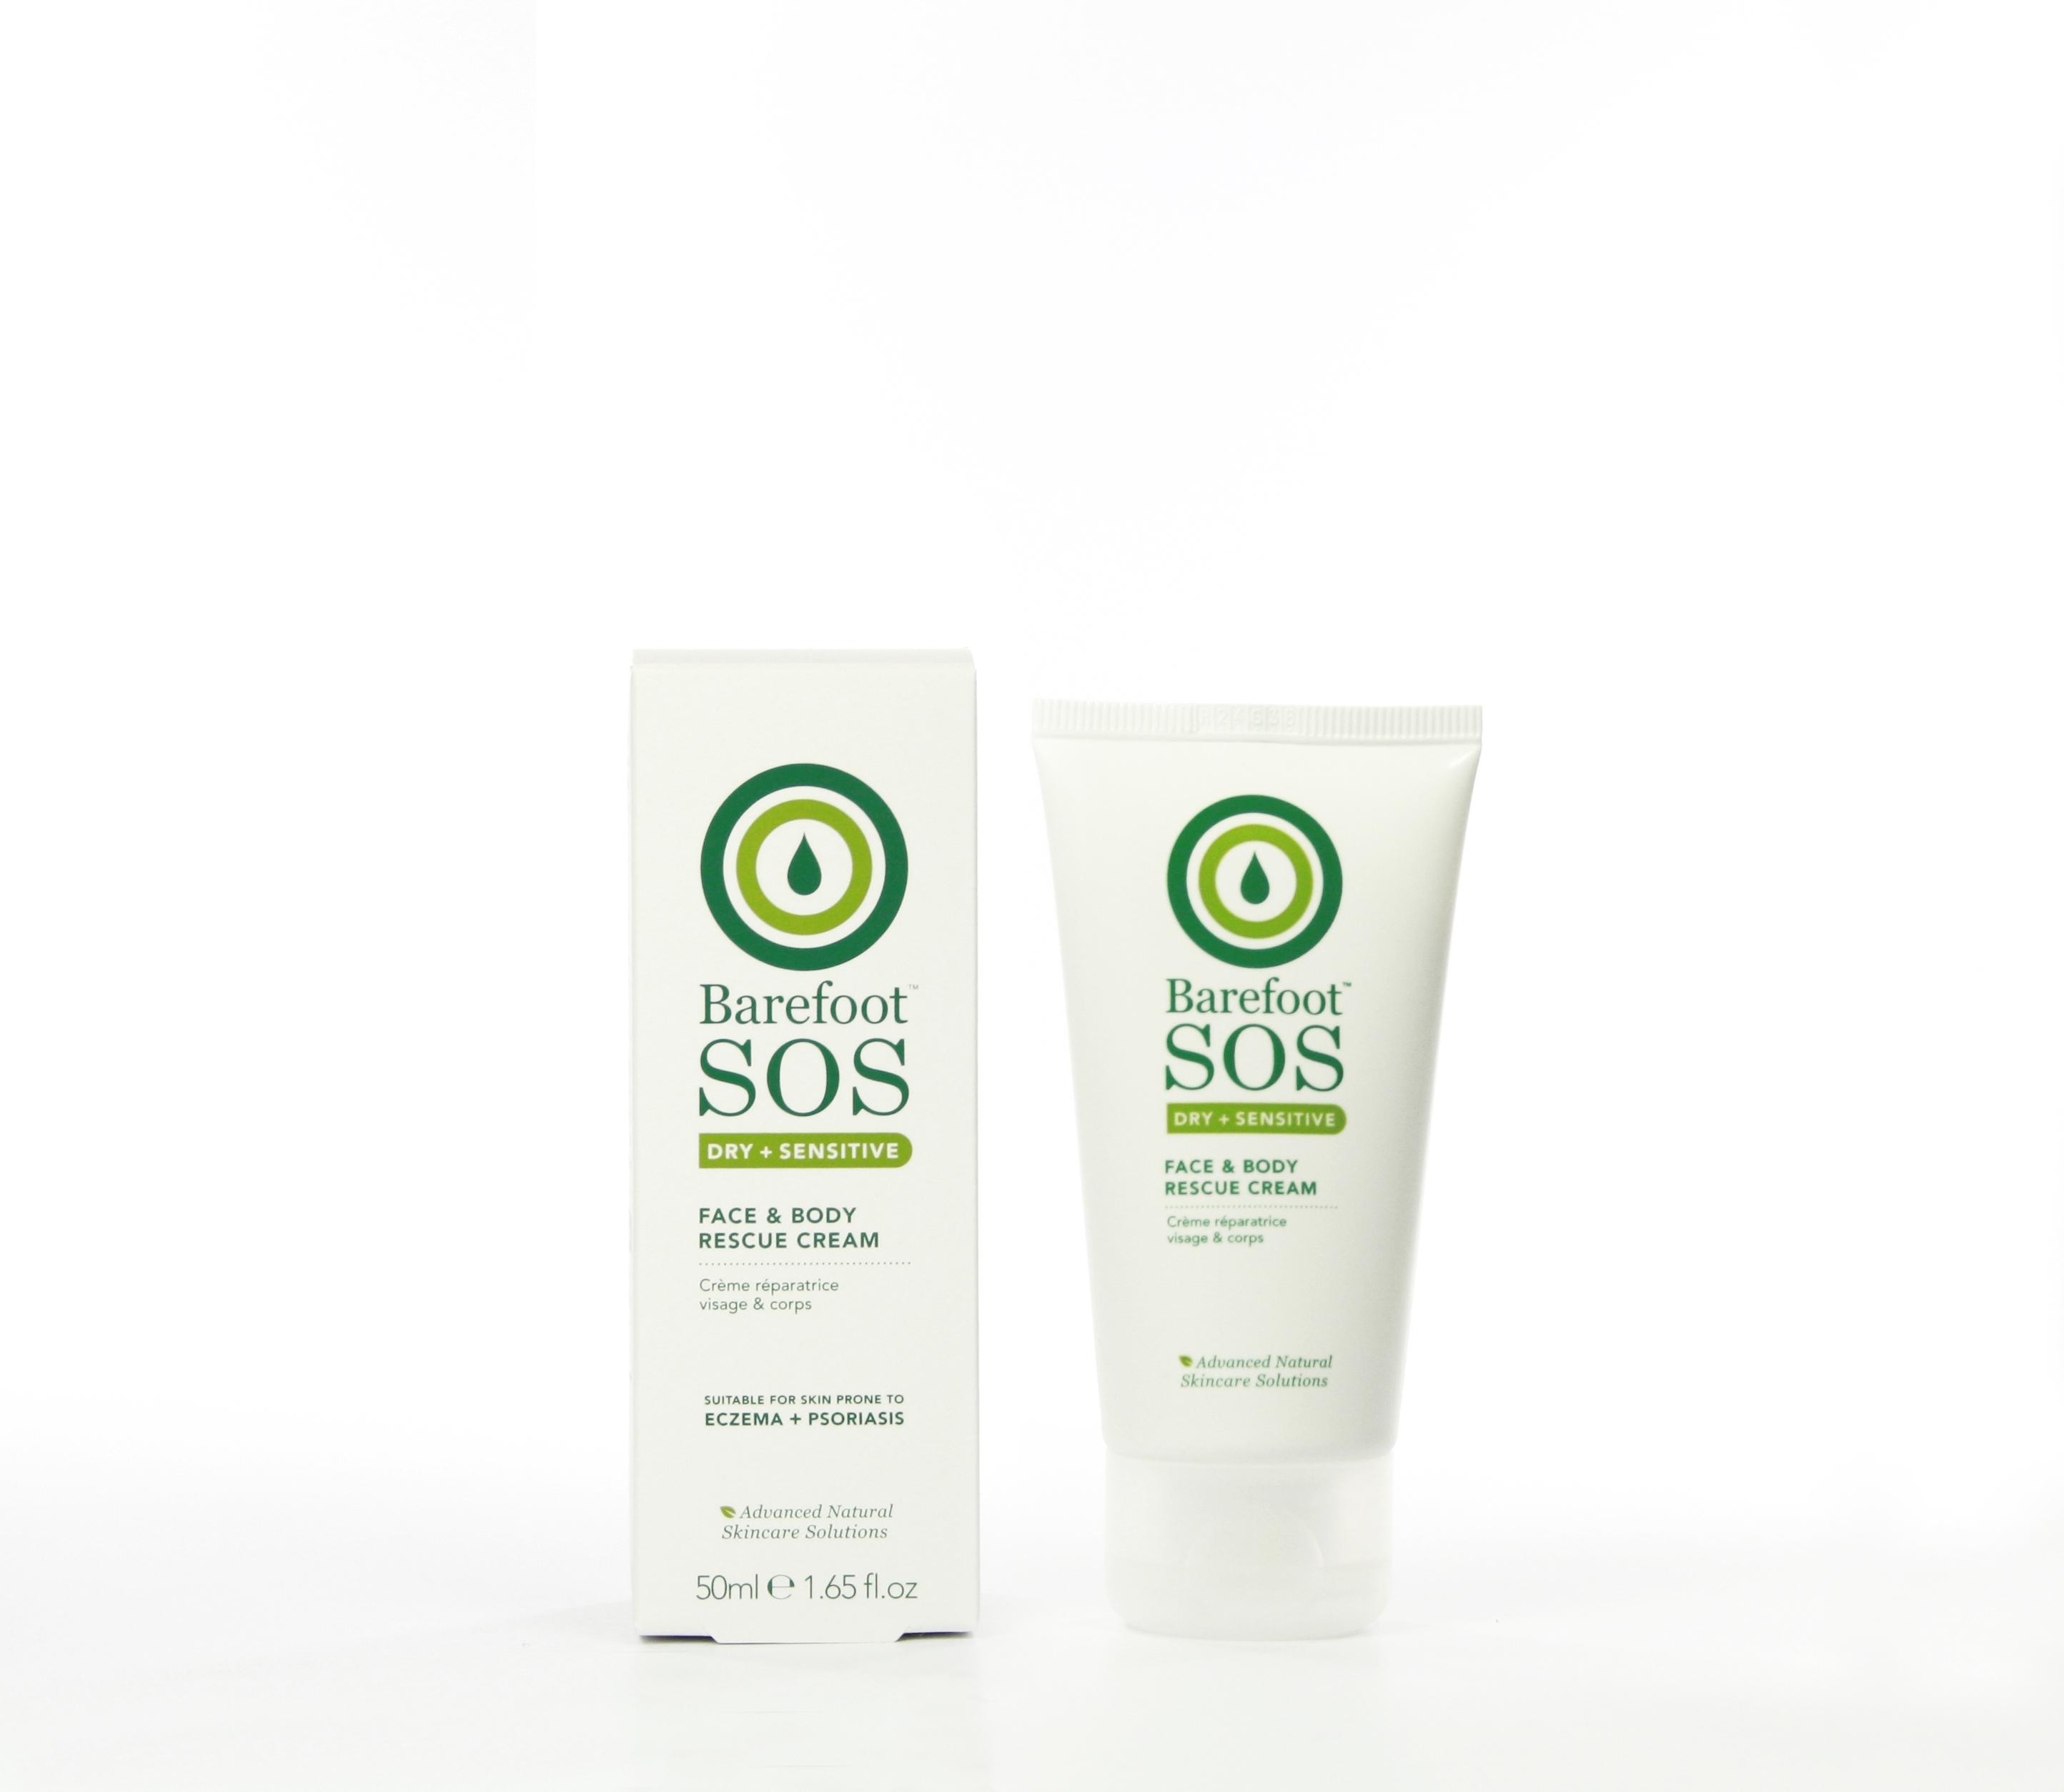 Face and Body Rescue Cream 50 ml